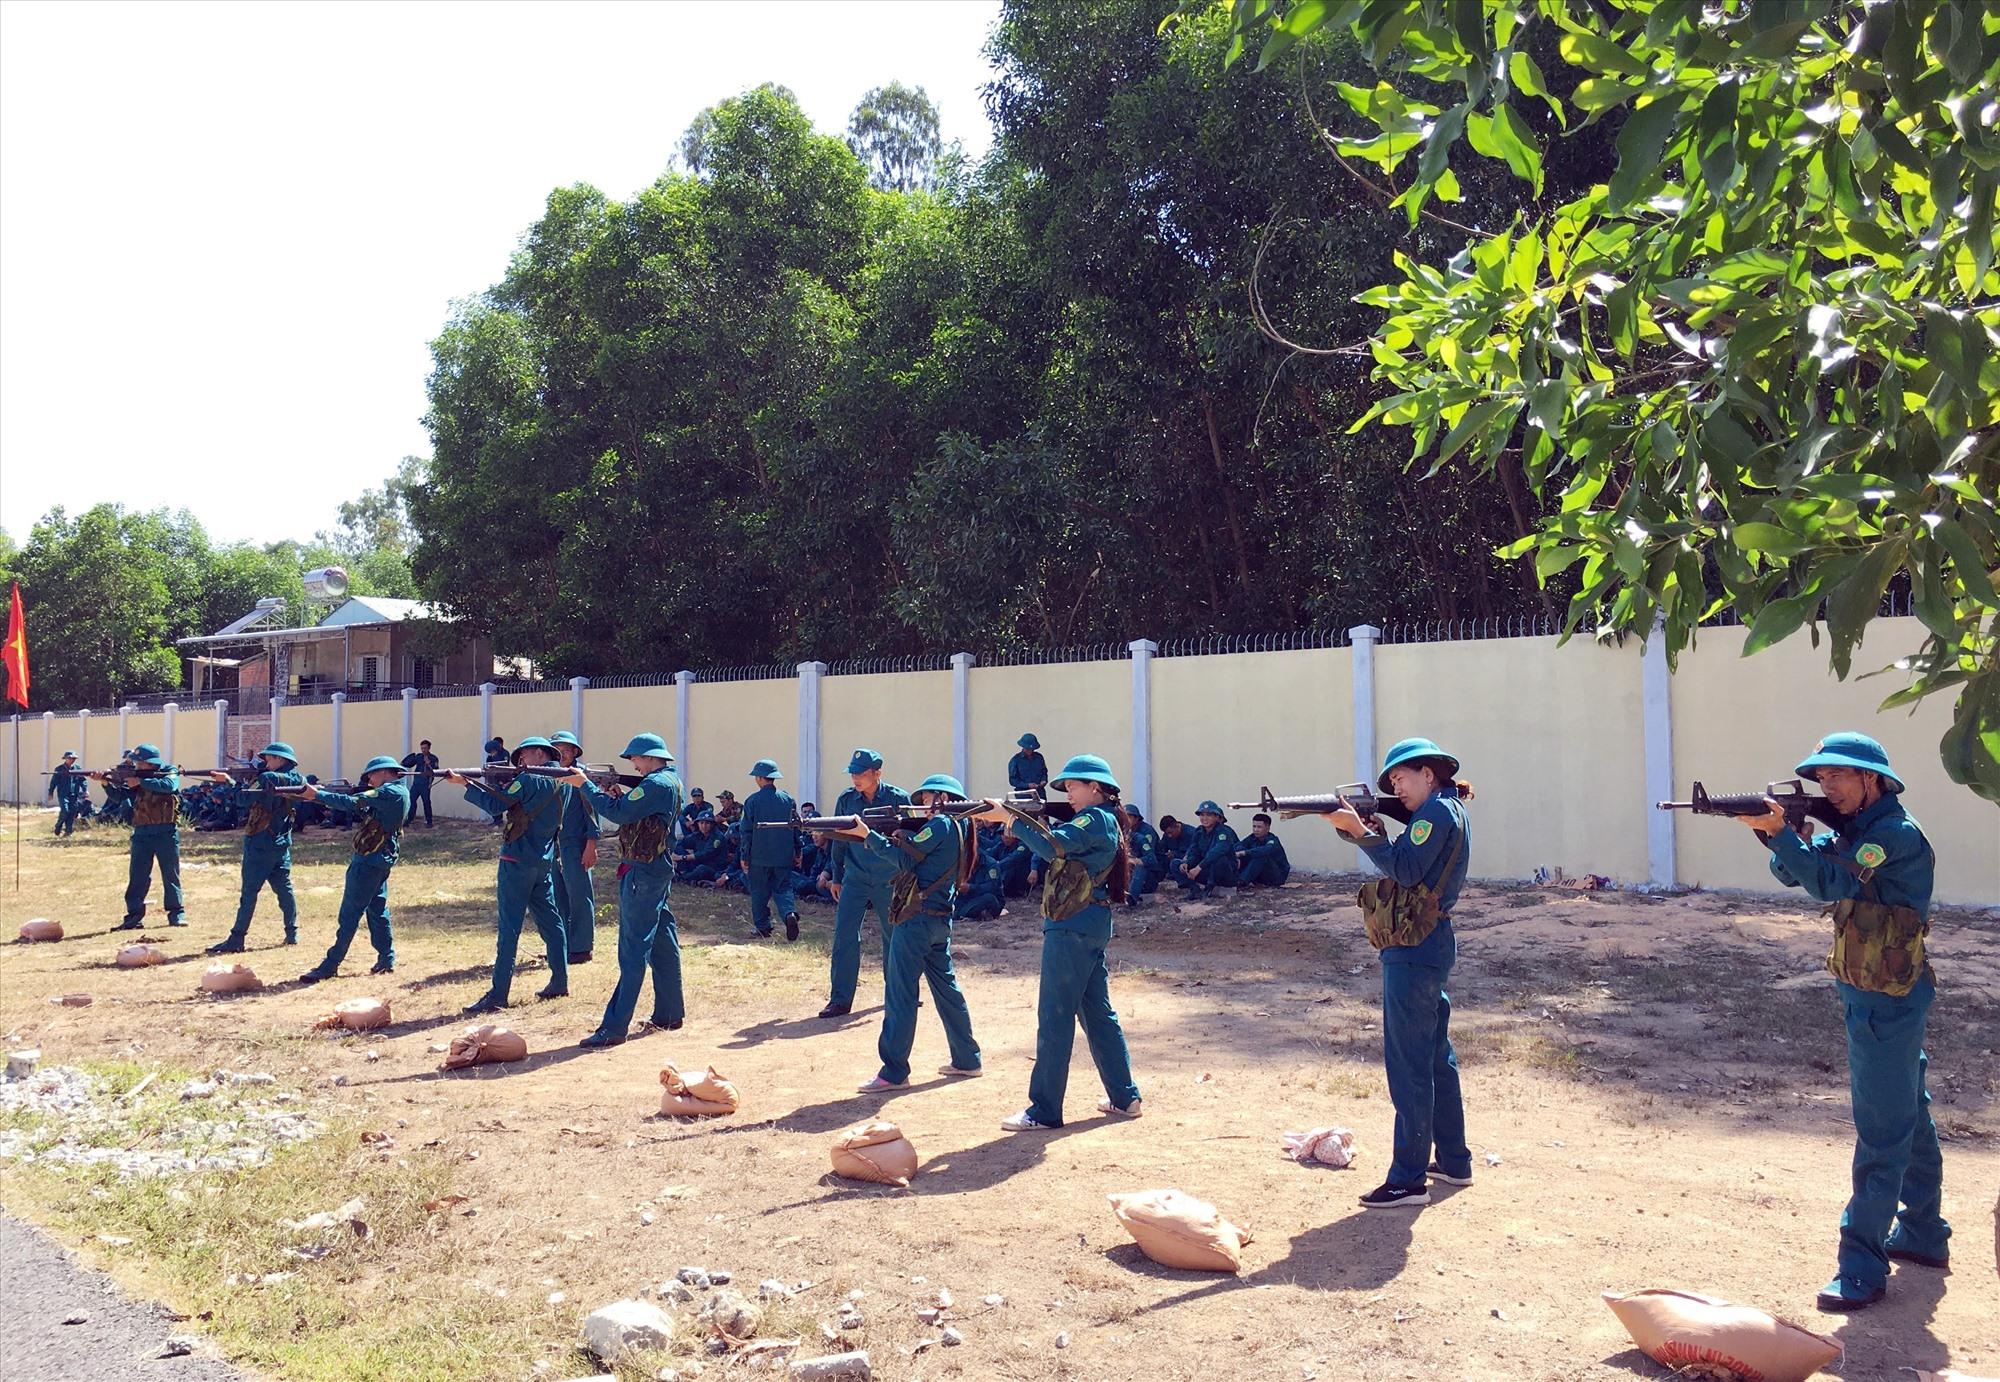 Phú Ninh hoàn thành khóa huấn luyện cho lực lượng dân quân tự vệ năm 2020. Ảnh: HẢI CHÂU